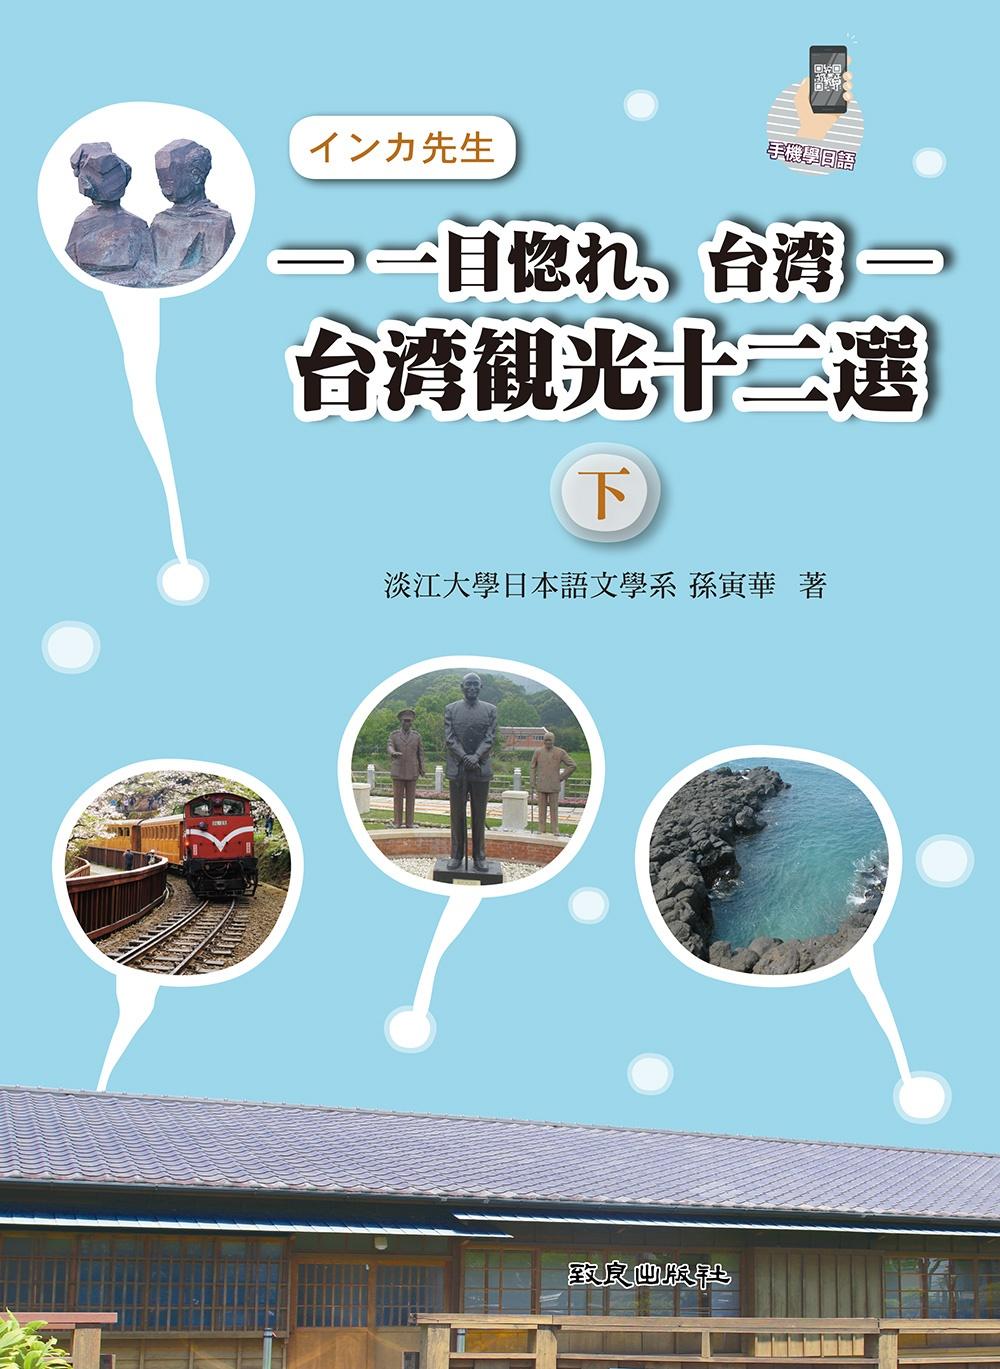 —一目惚れ、台湾—台湾観光十二...